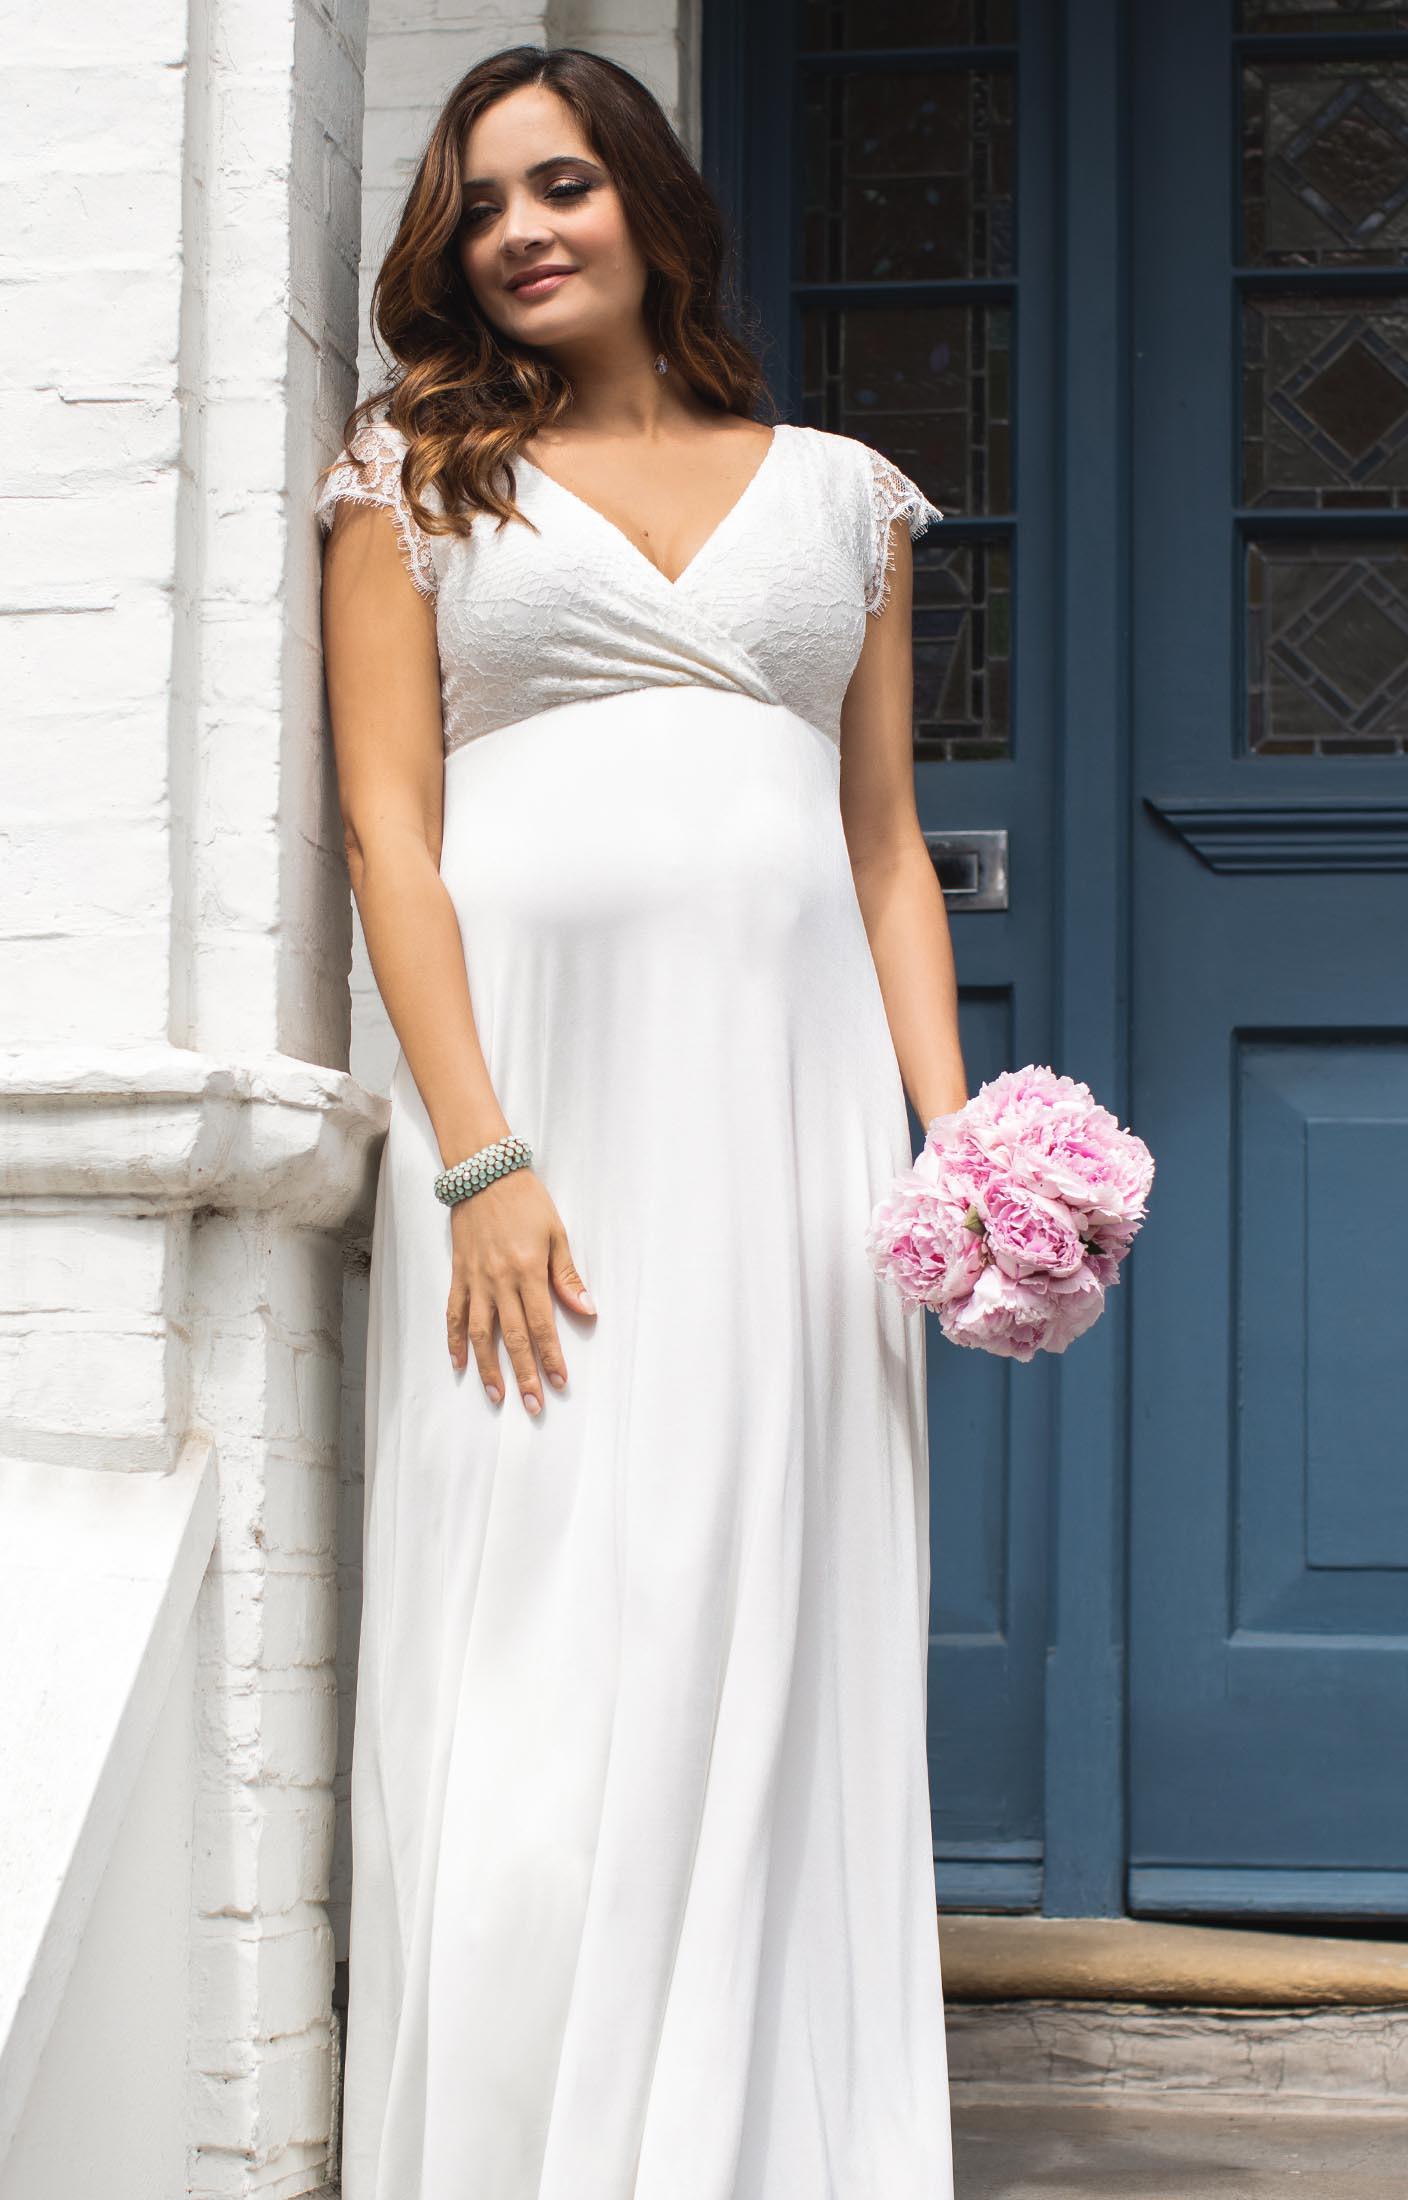 13 Fantastisch Abendkleid Umstandsmode Lang DesignDesigner Schön Abendkleid Umstandsmode Lang Vertrieb